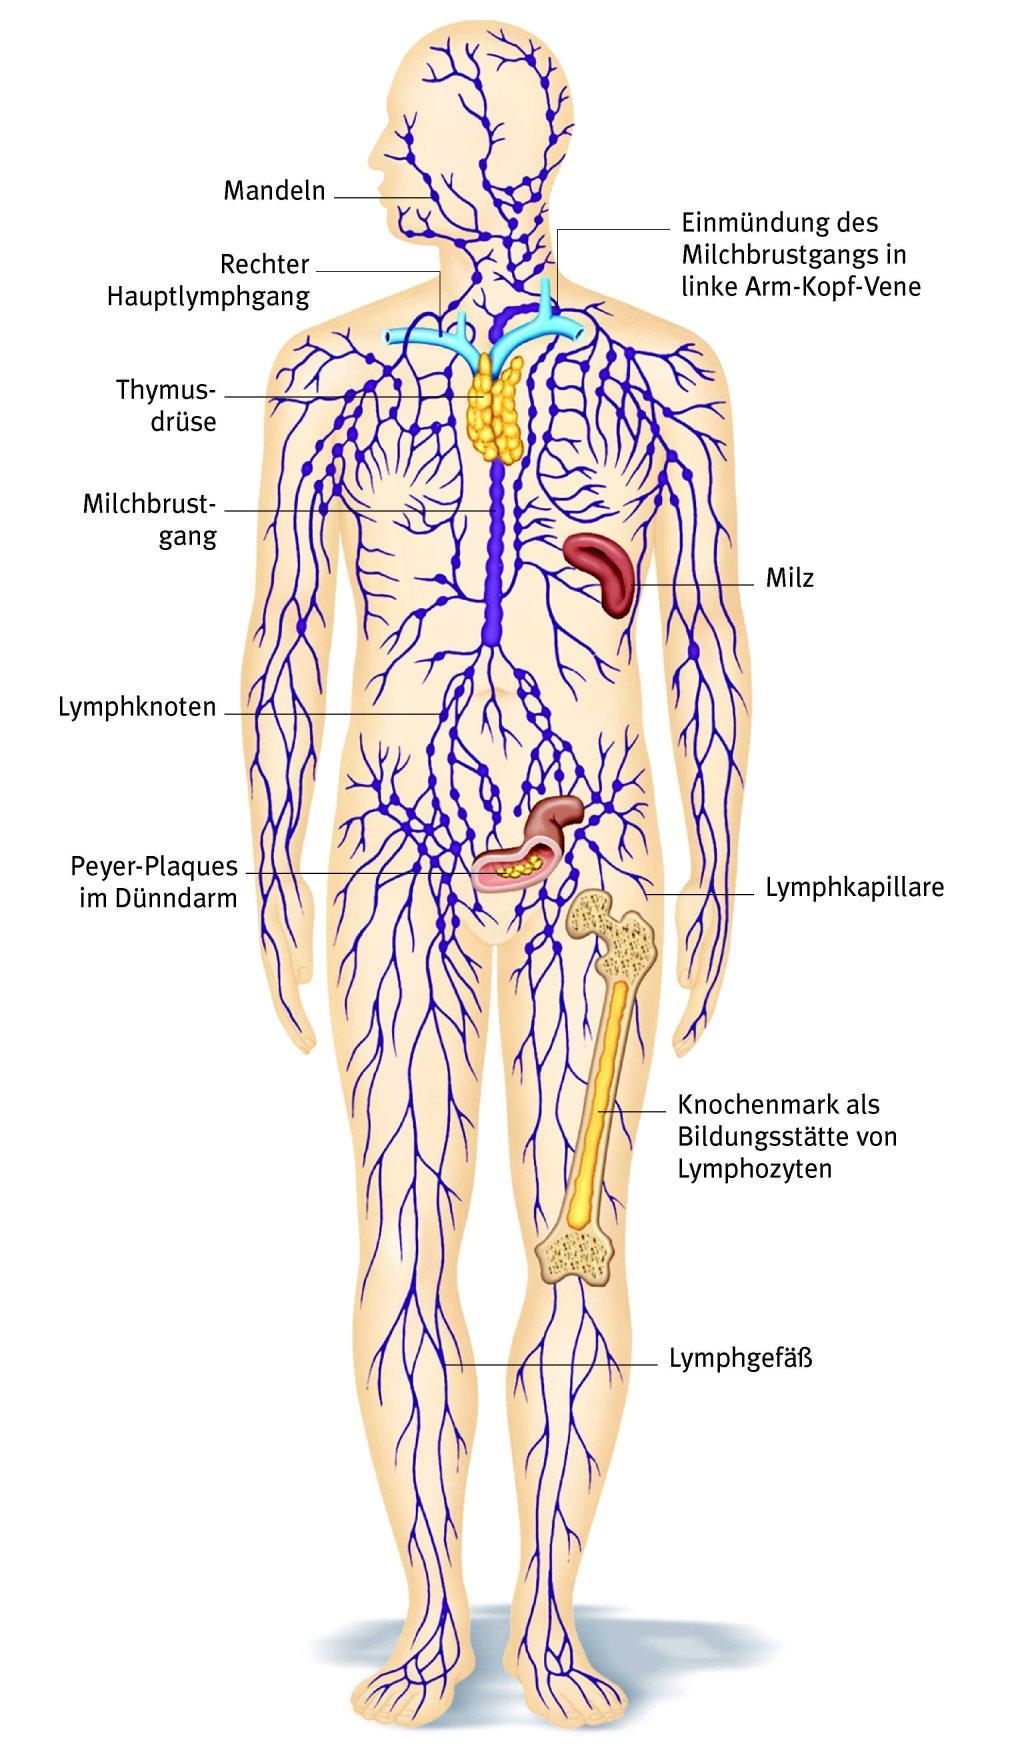 Fantastisch Anatomie Der Halslymphknoten Bilder - Anatomie Ideen ...